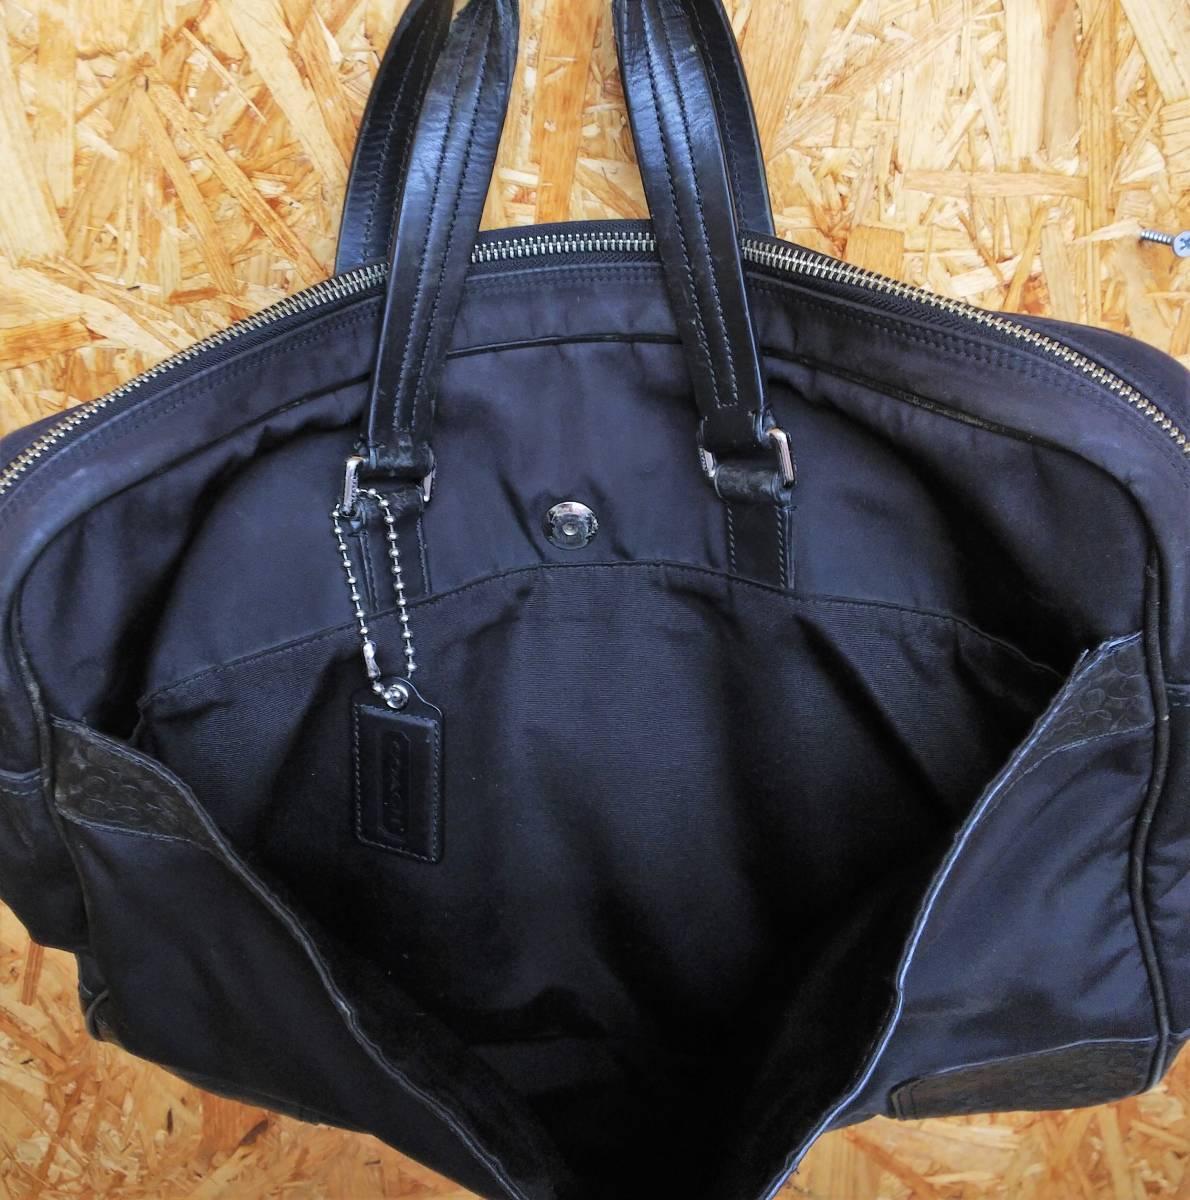 COACH/コーチ ミニシグネチャー ビジネスバッグ ブリーフケース ハンドバッグ ブラック ナイロン レザー メンズ F70596_画像5